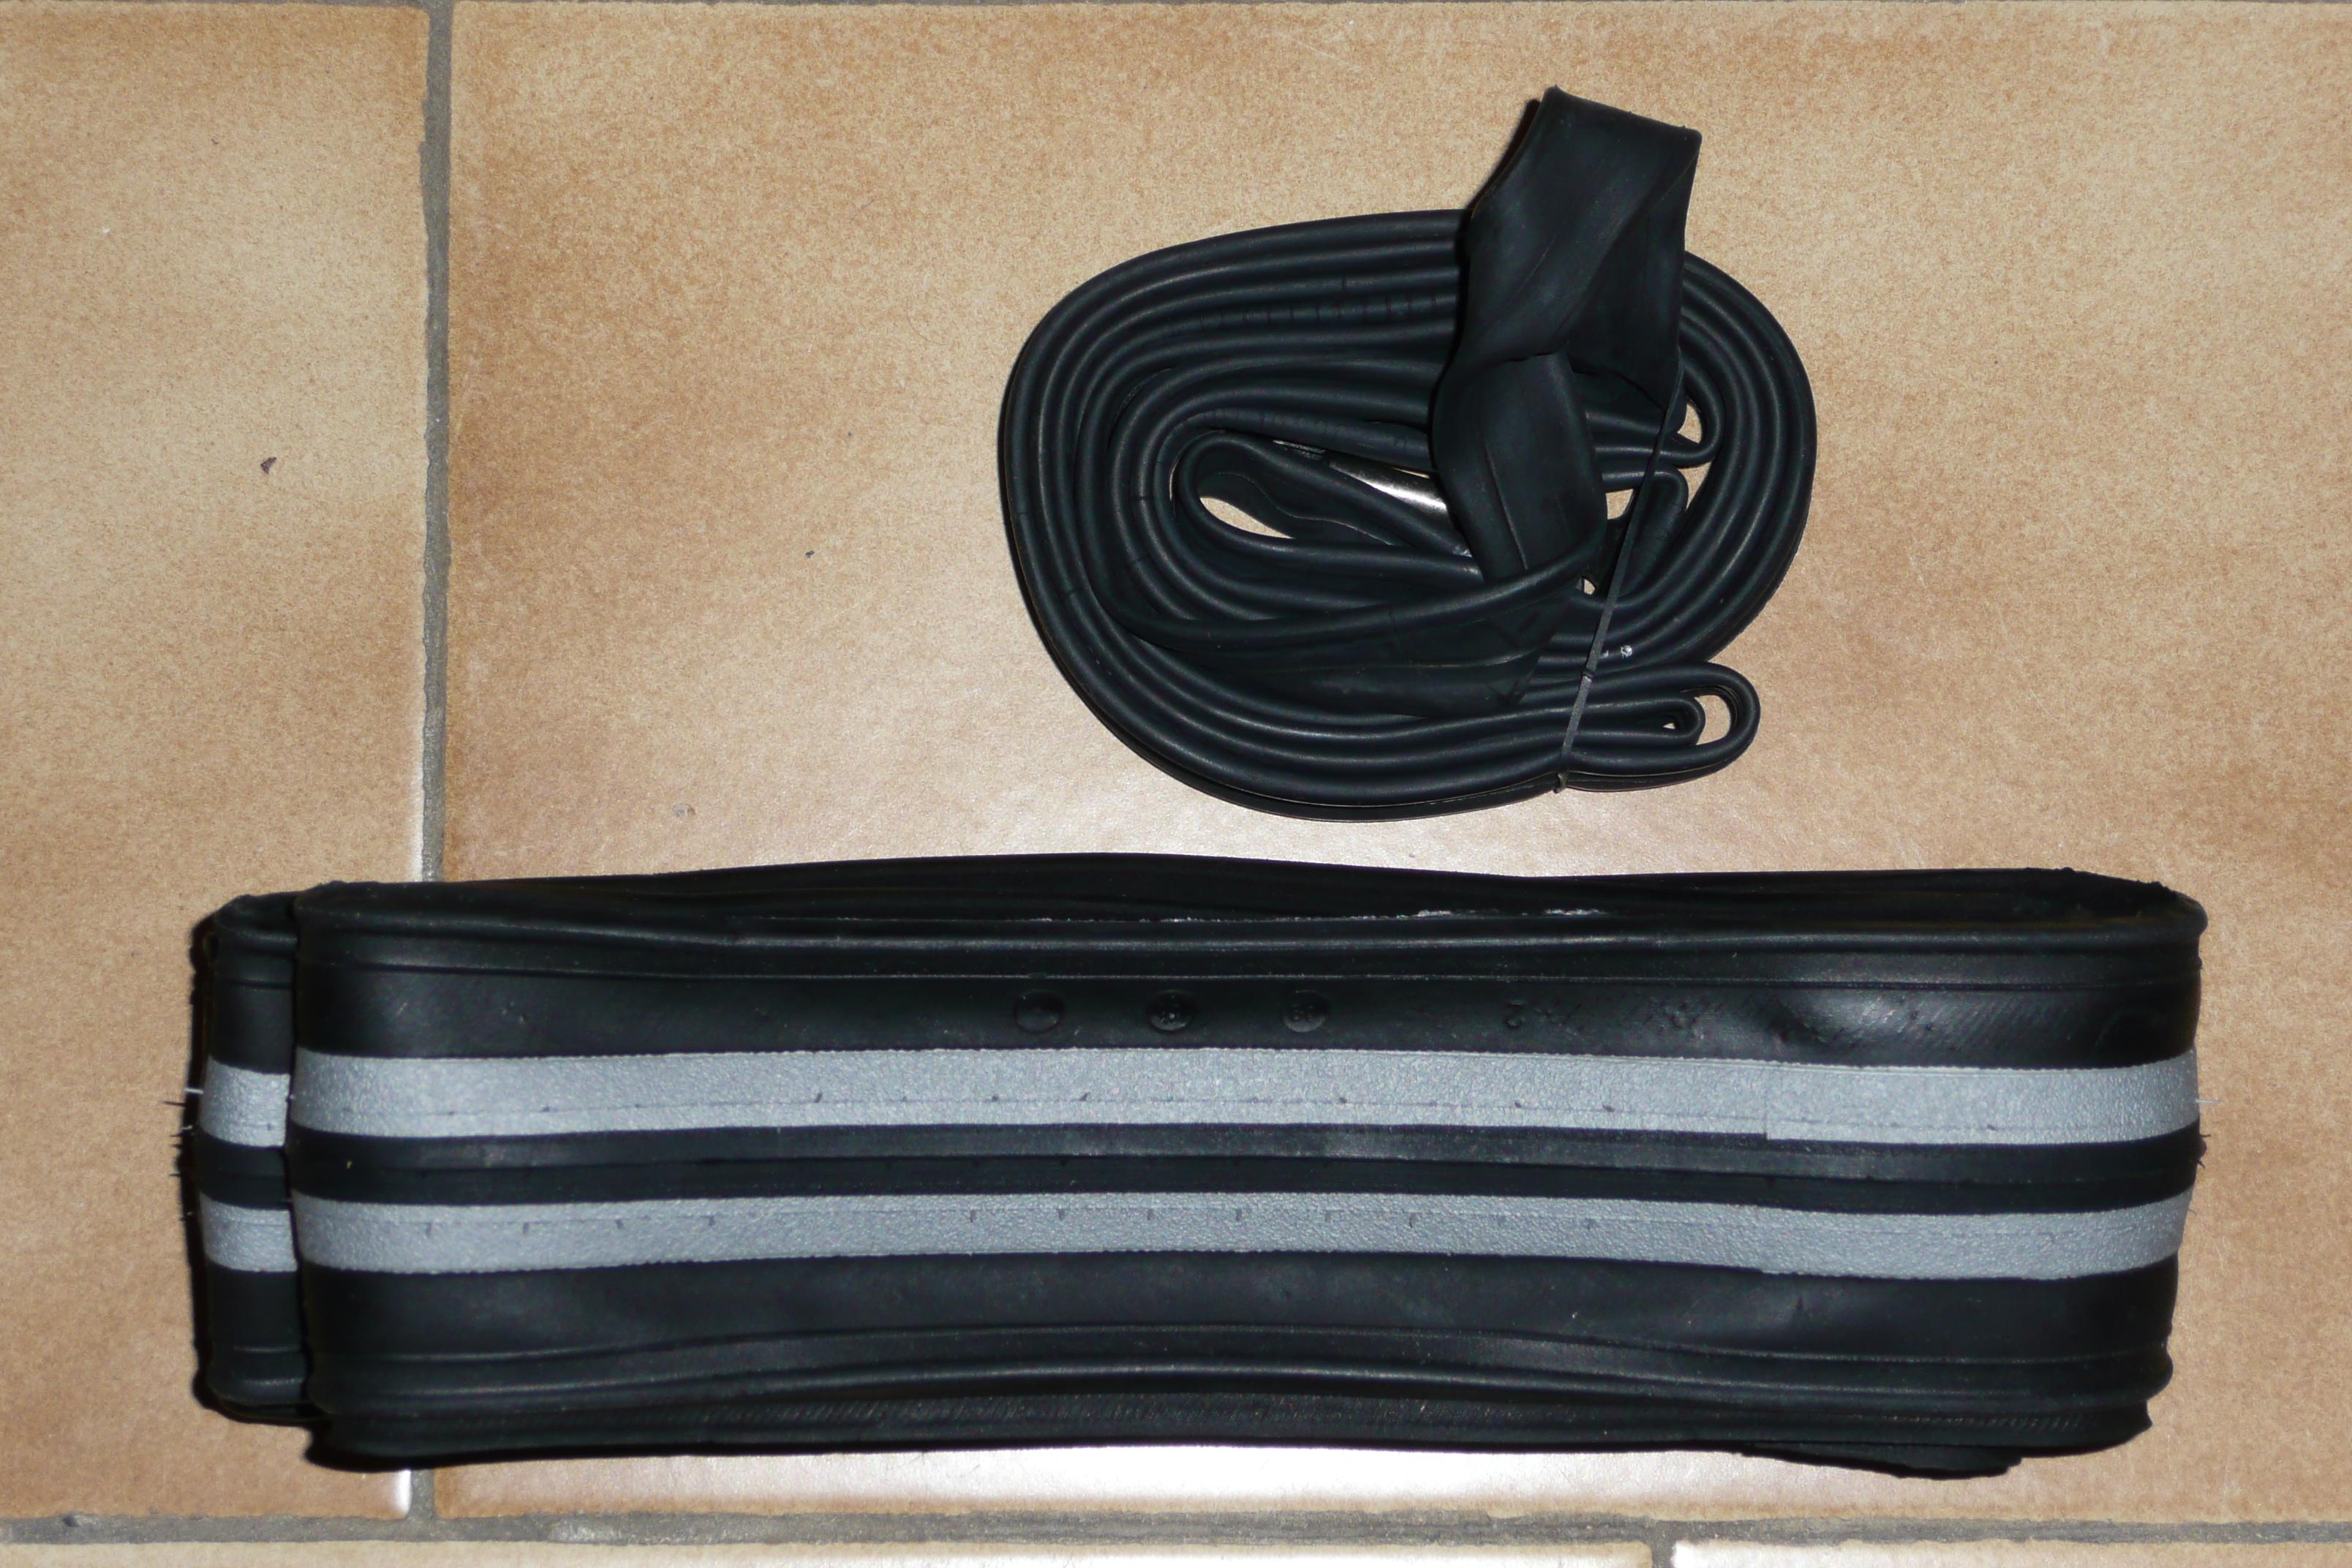 File:Chambre à air 700x18 à 25C et pneu plié 700x23C juqu'à 7,7 on